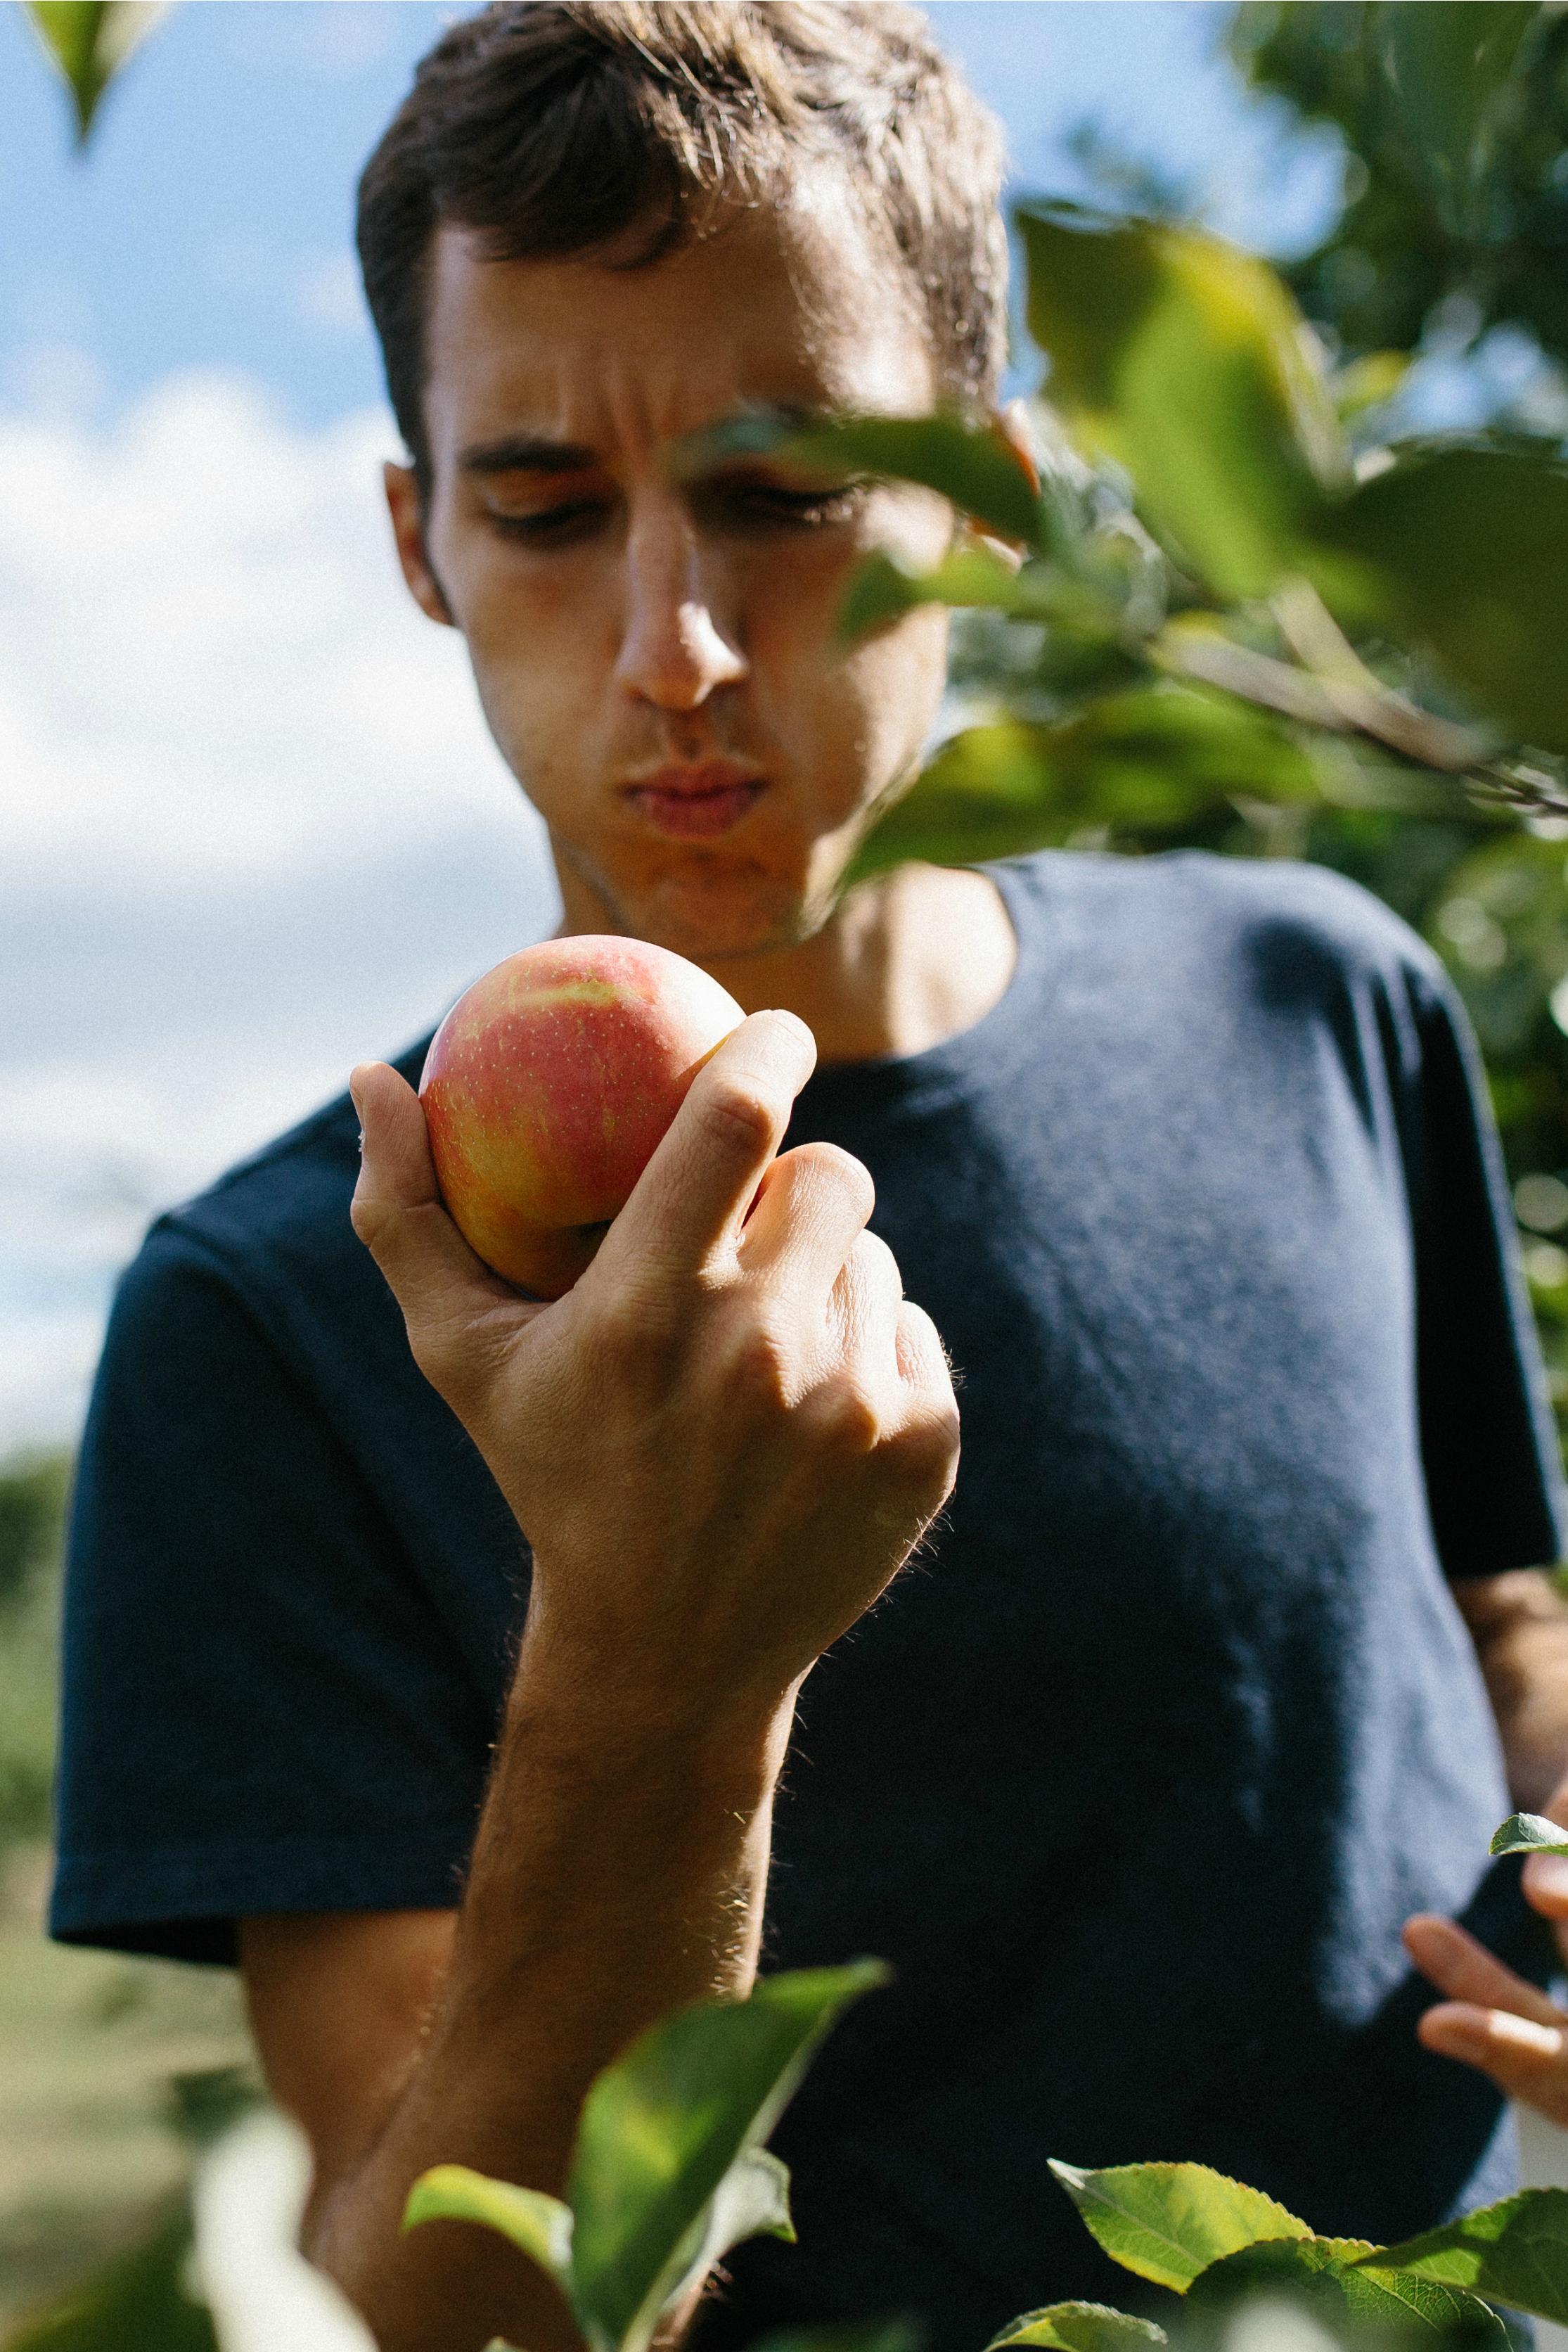 Rob Mayhew Dusting off an Apple